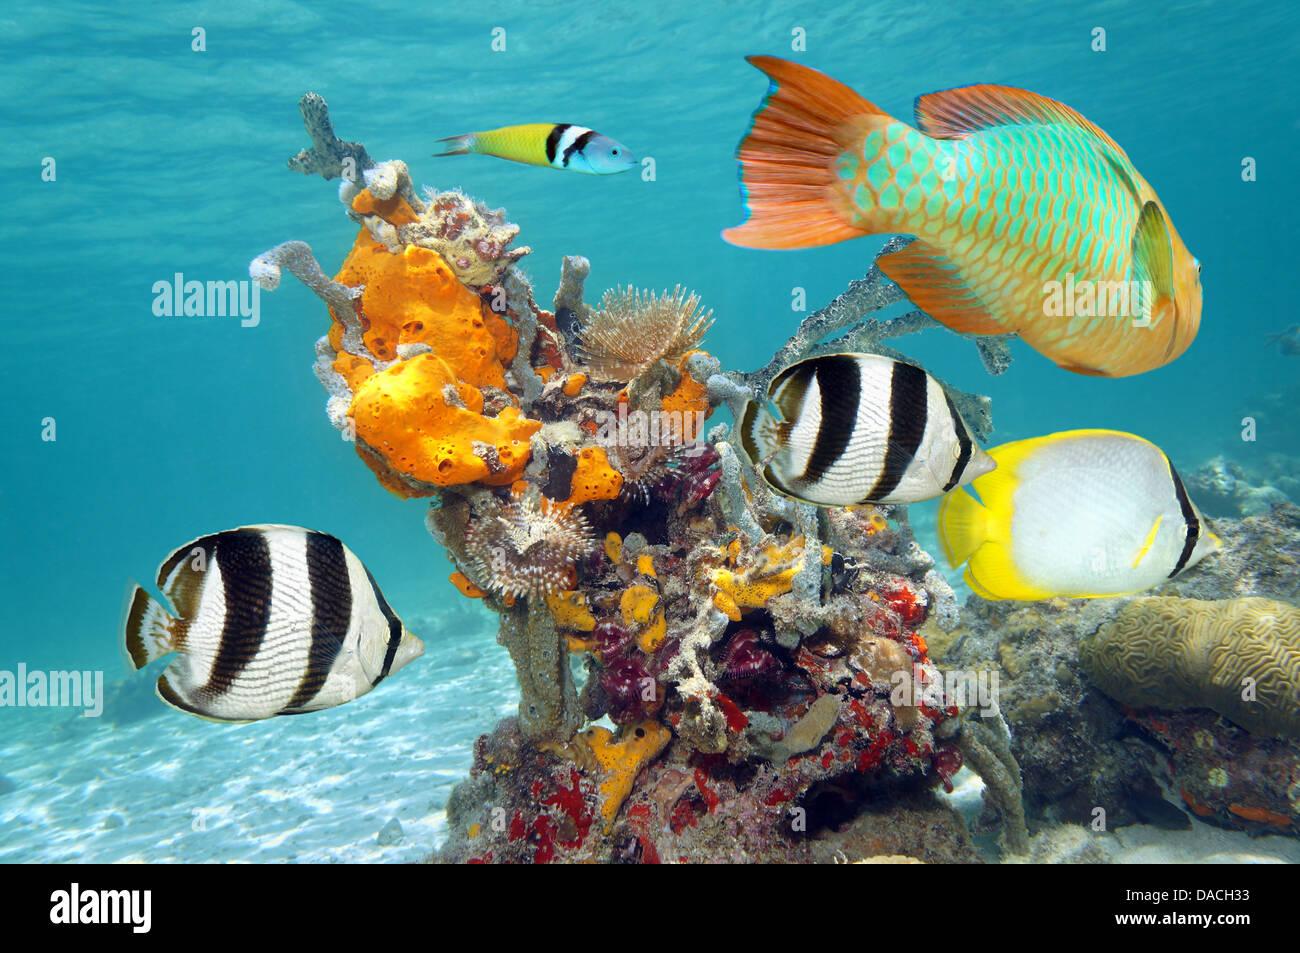 Los colores vibrantes de la vida marina en los arrecifes de coral, con coloridos peces, esponjas y gusanos de tubo Imagen De Stock